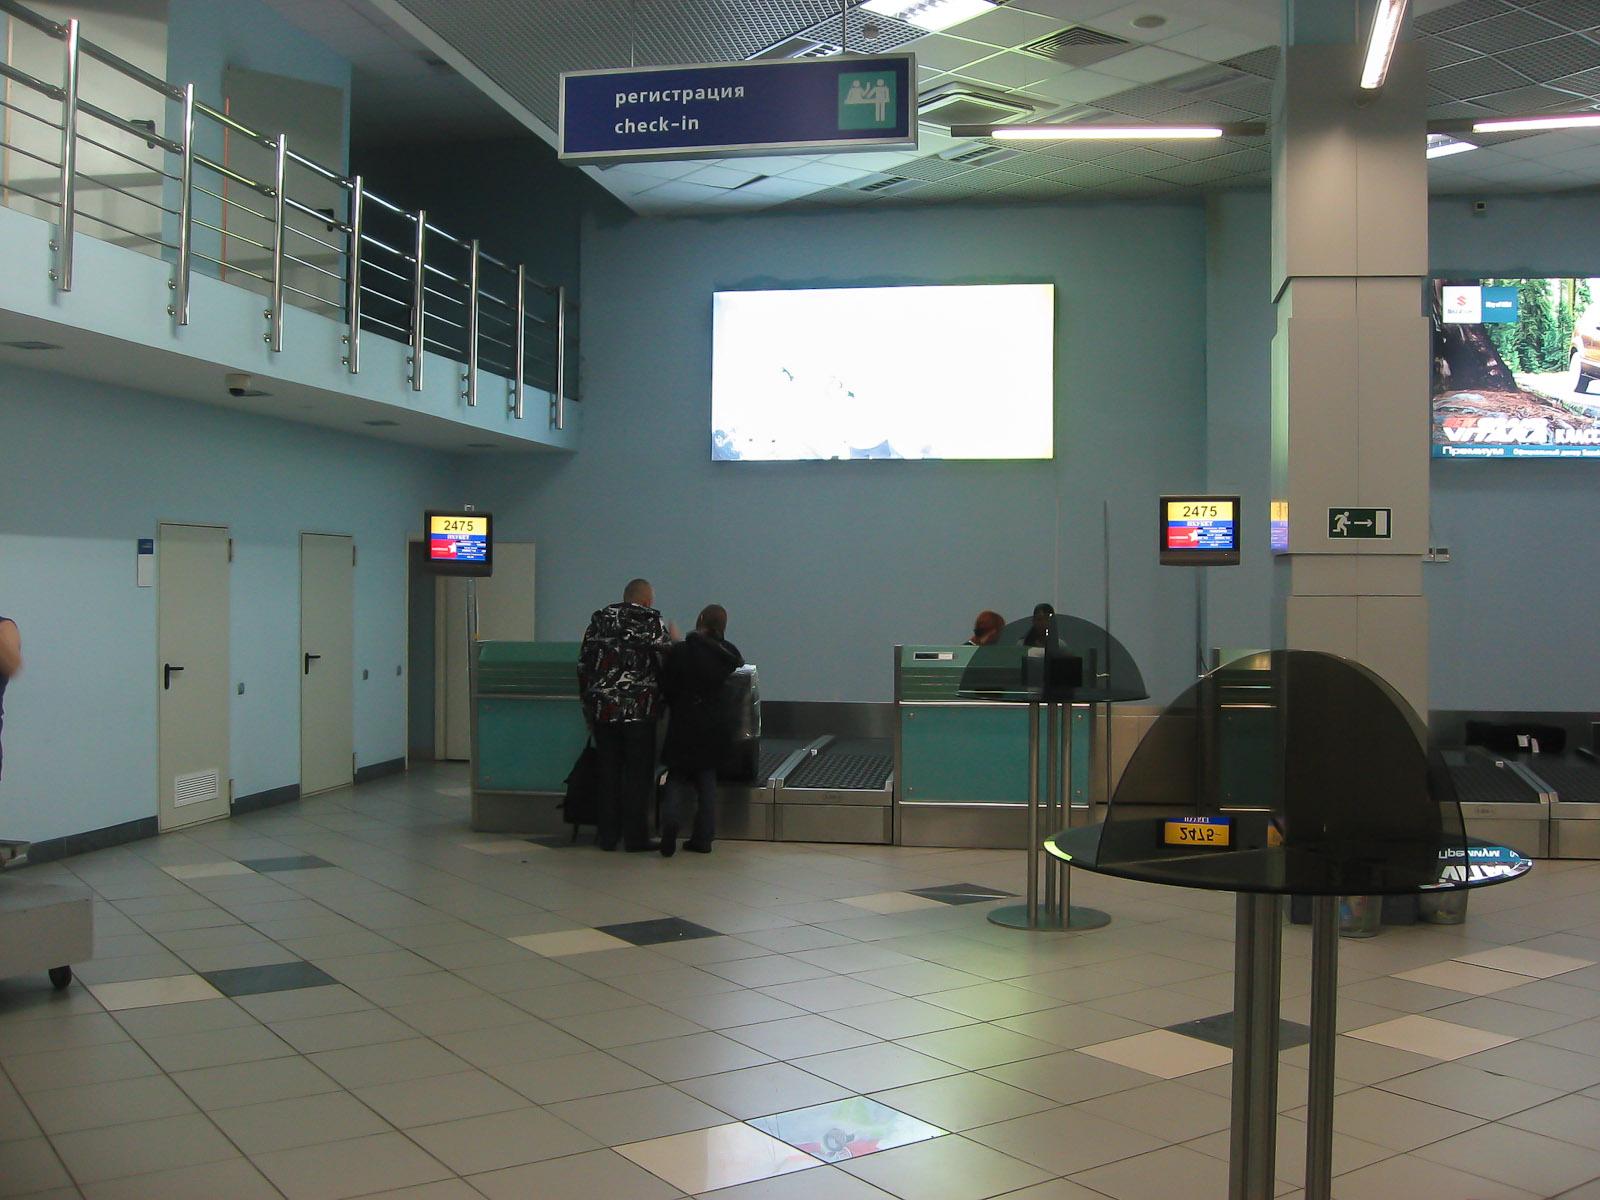 Стойка регистрации в Терминале 2 аэропорта Емельяново